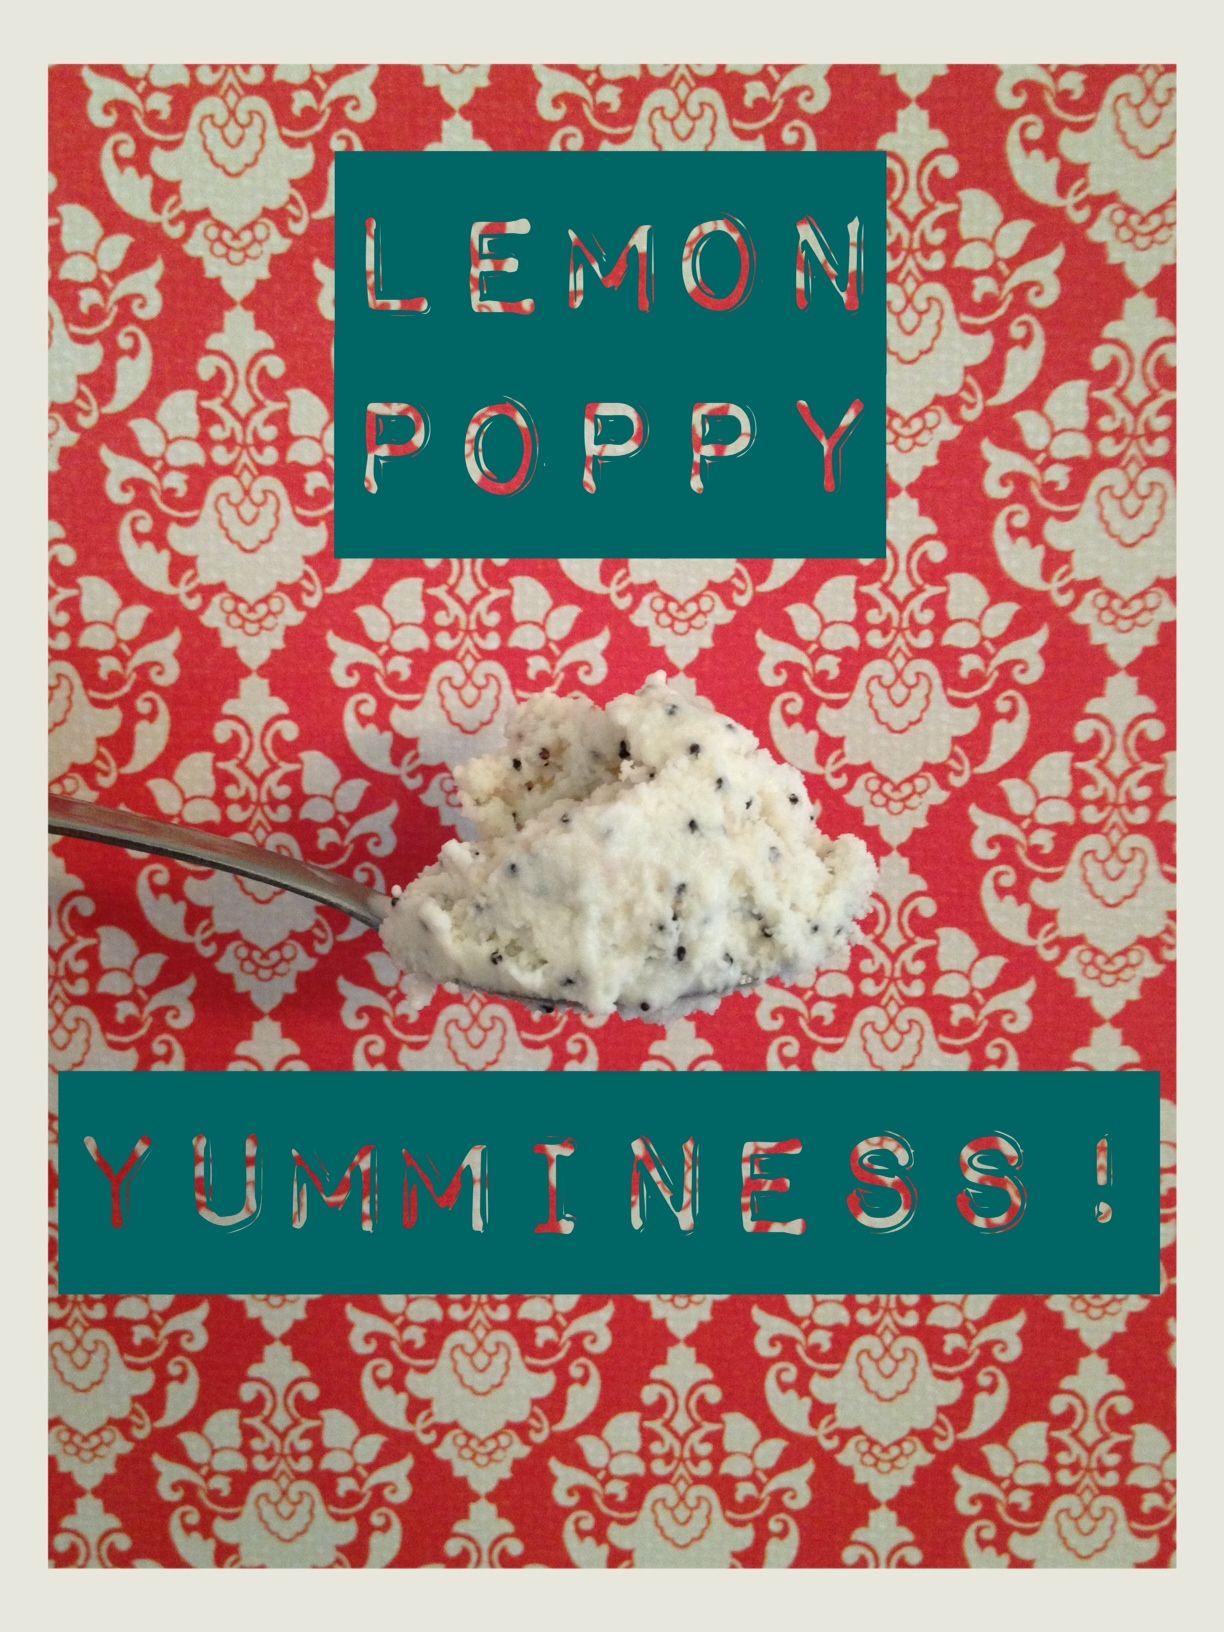 Poppy Ice Cream